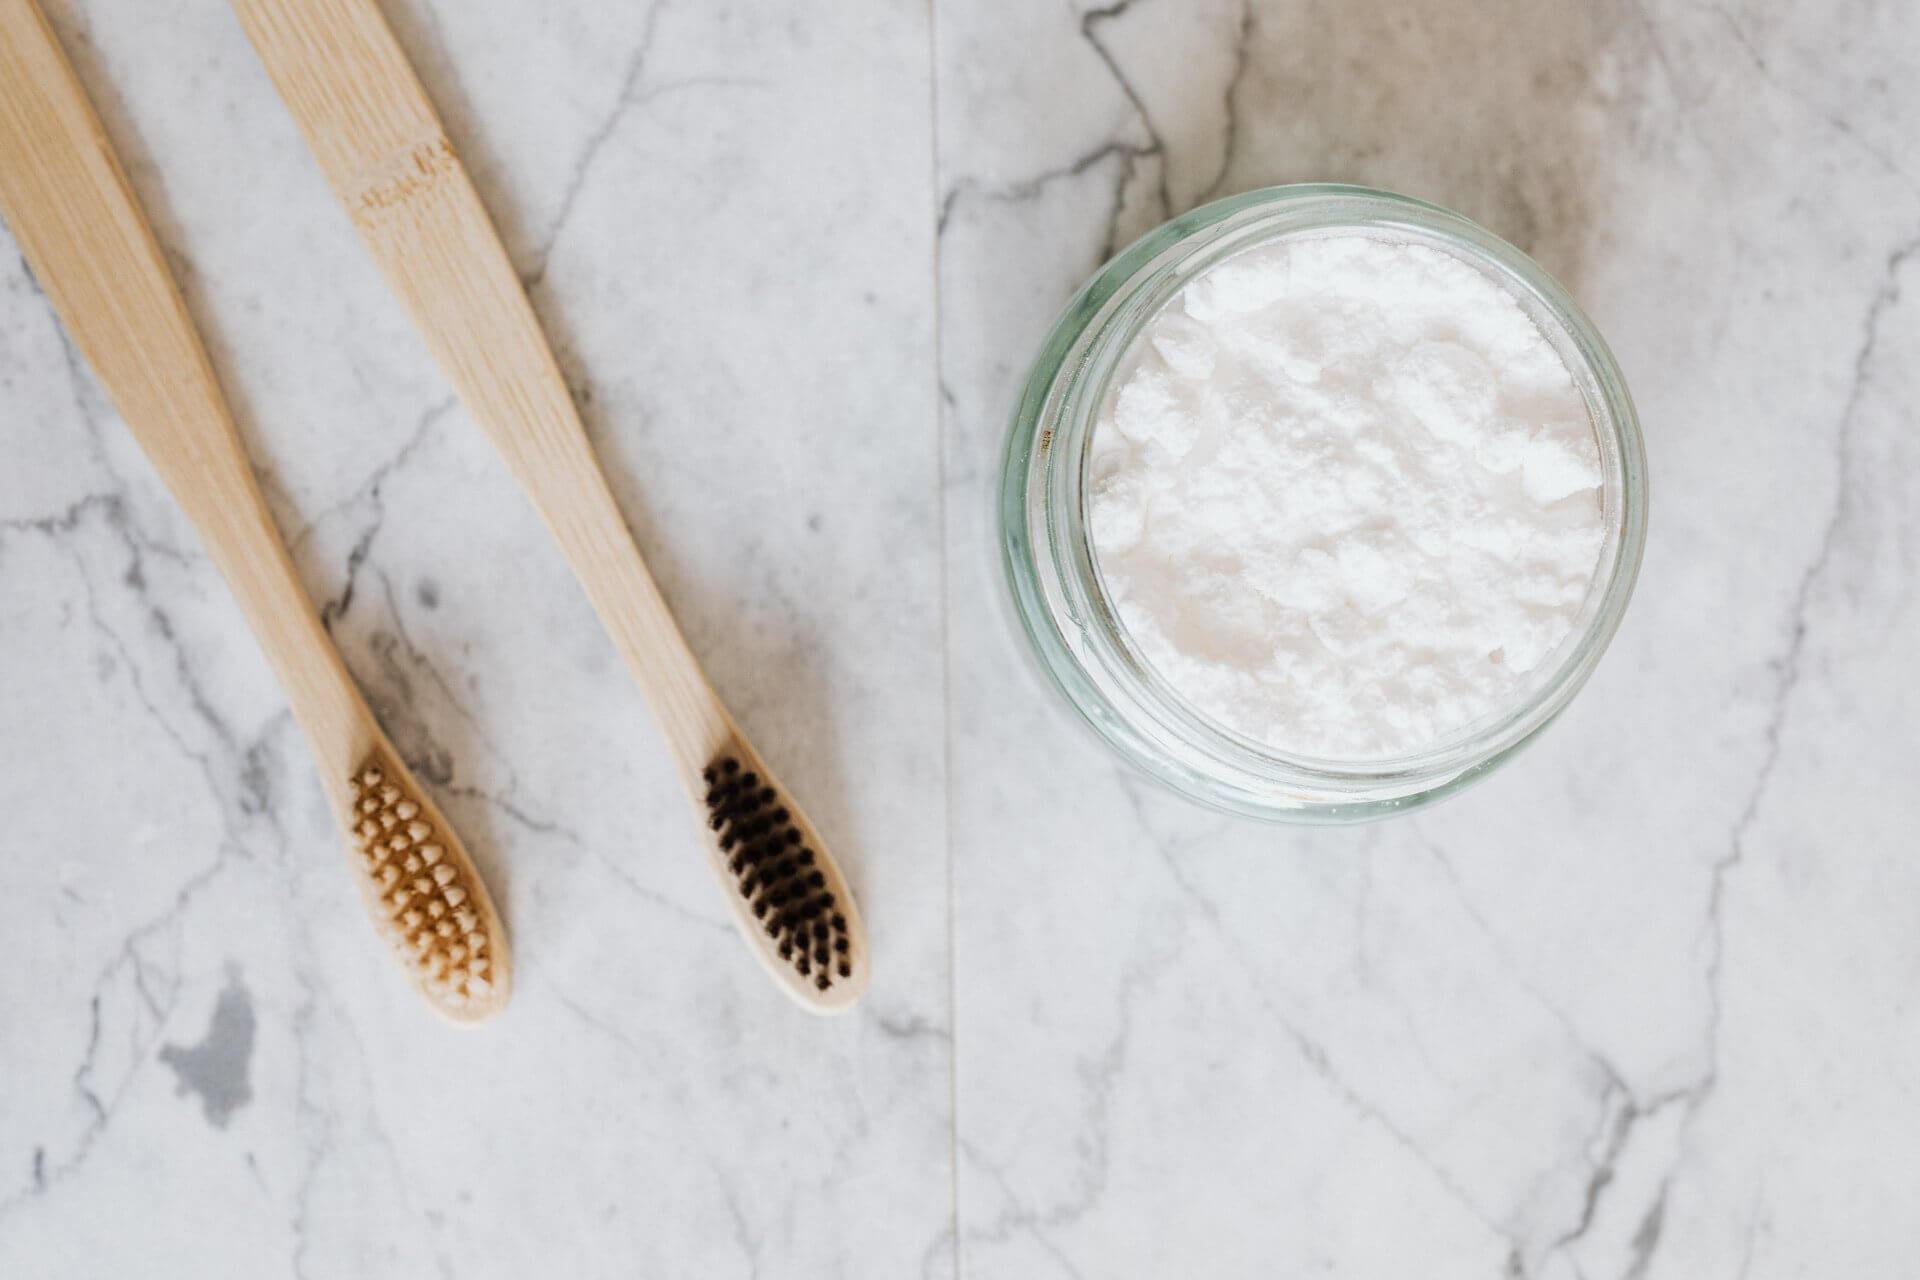 Cepillo de dientes y tarro con coco